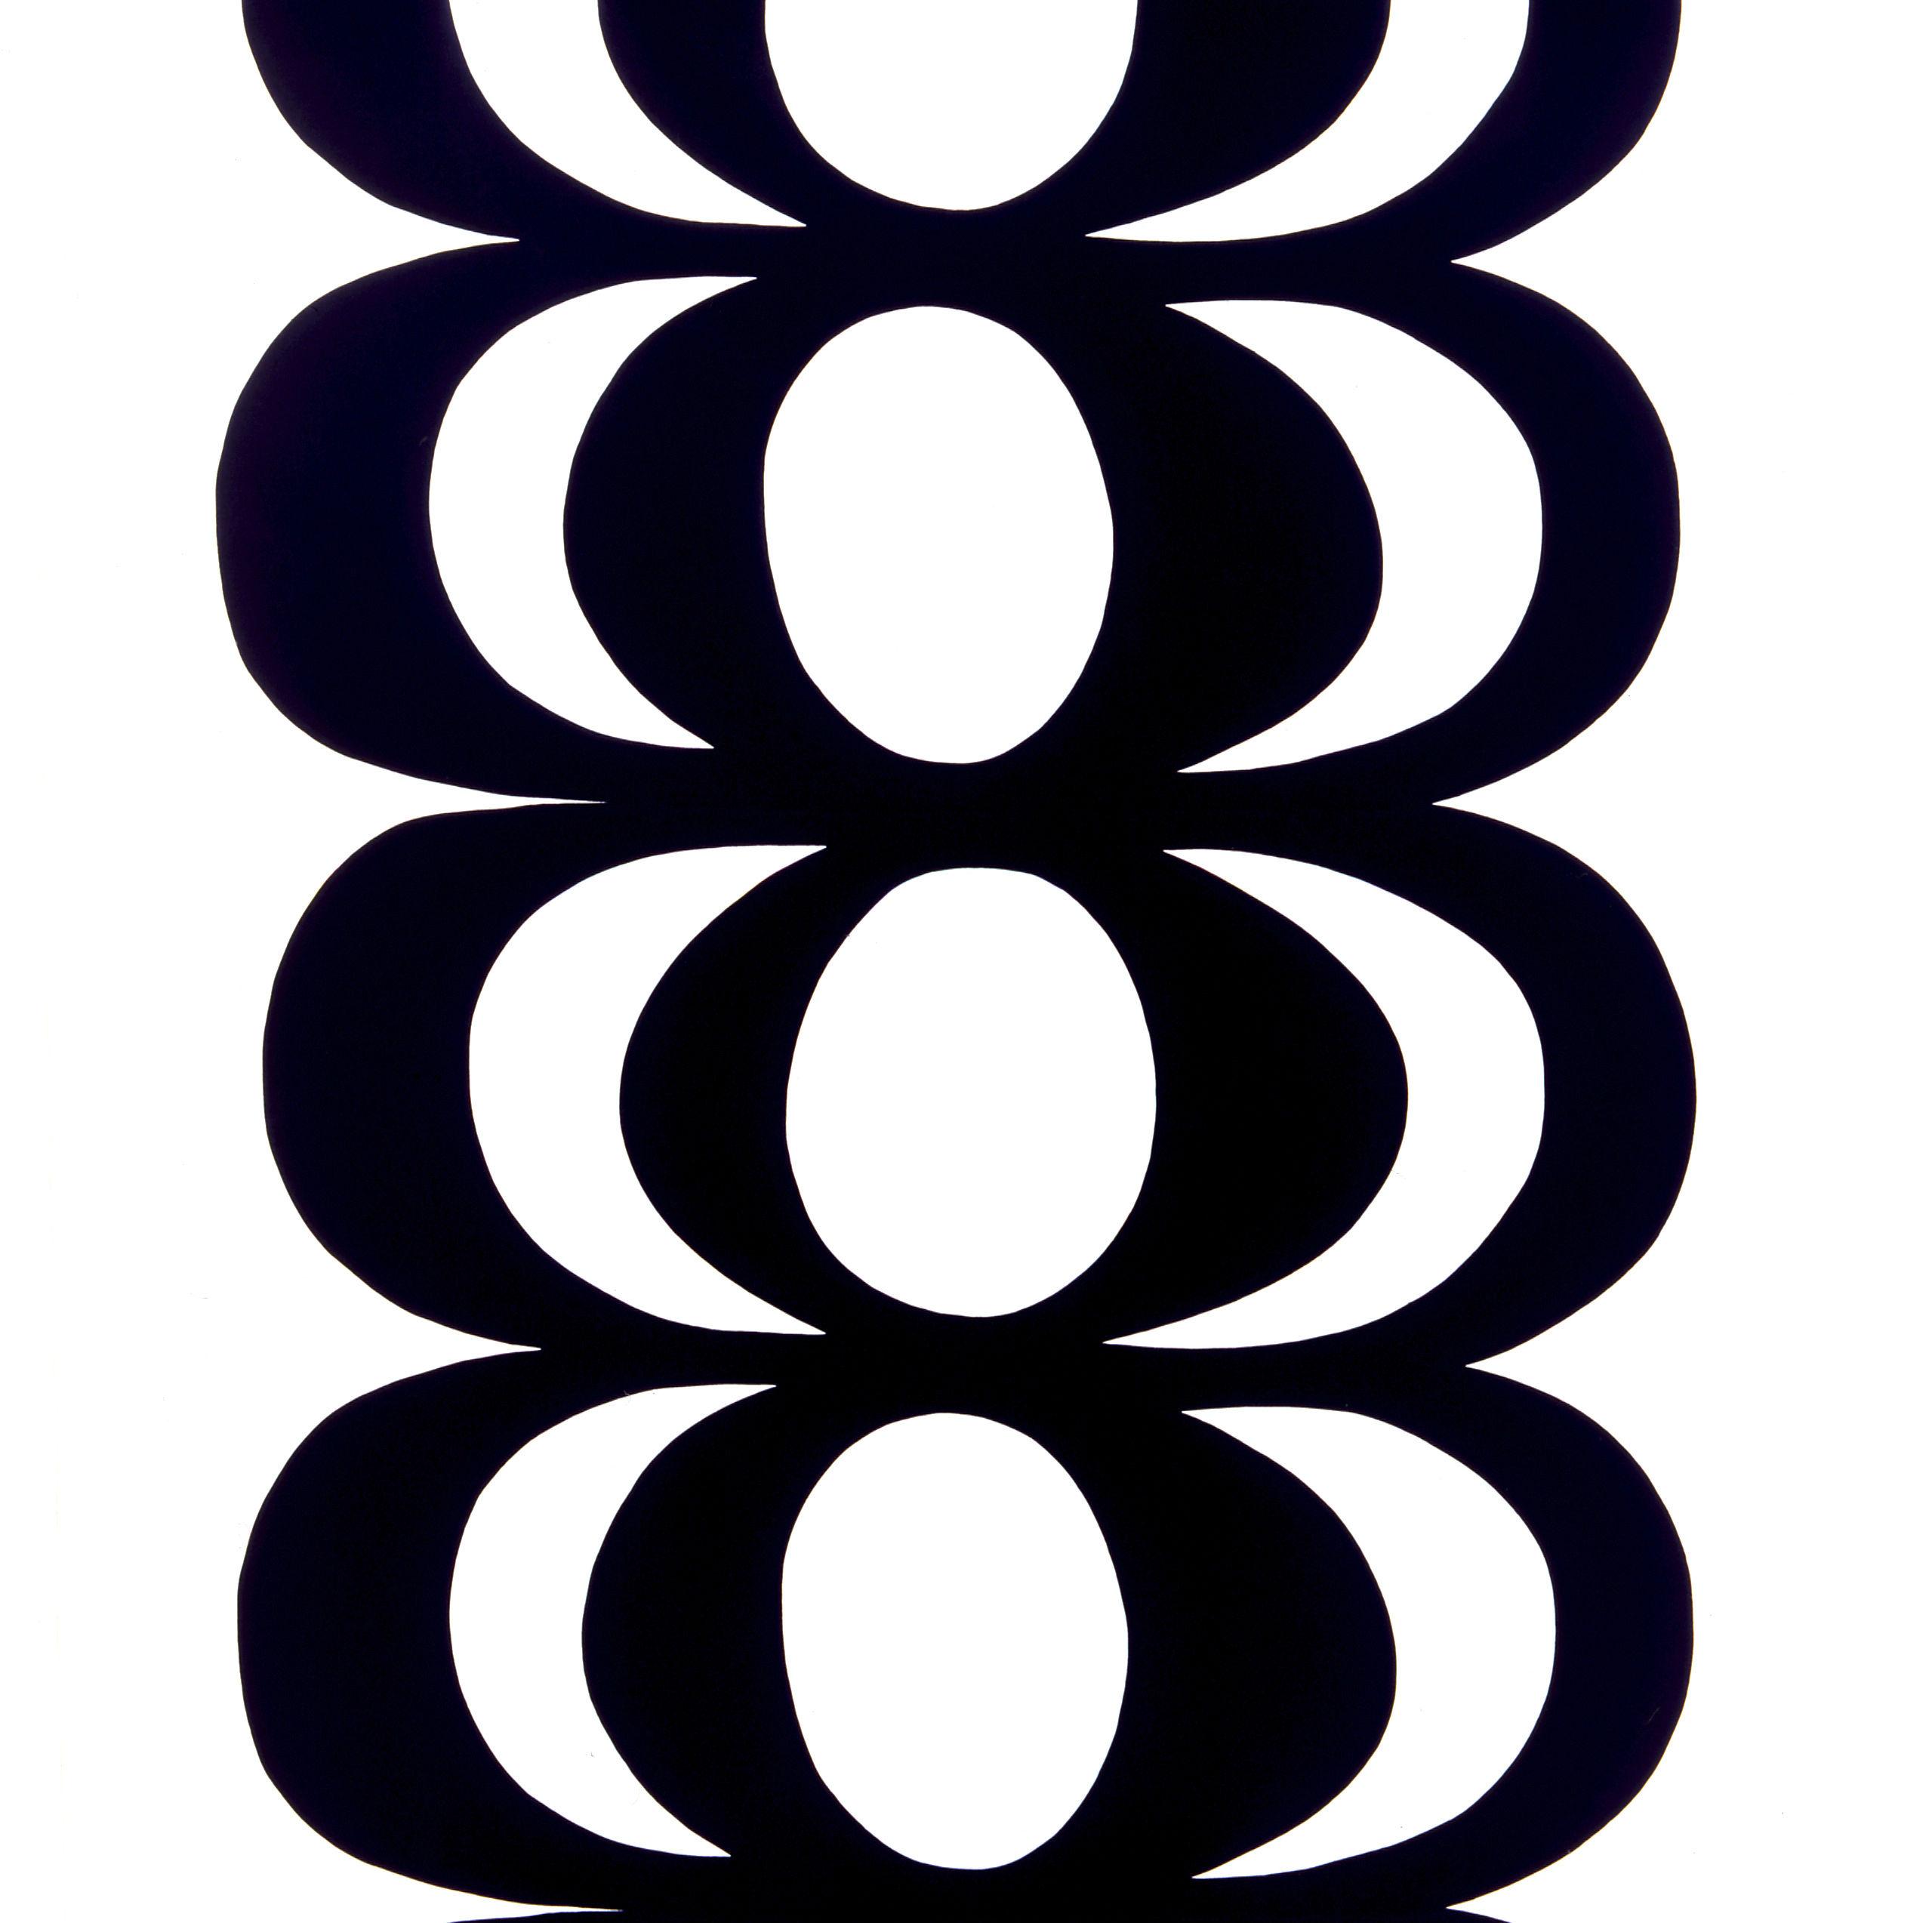 Kaivo, Maija Isola, Marimekko fabrics